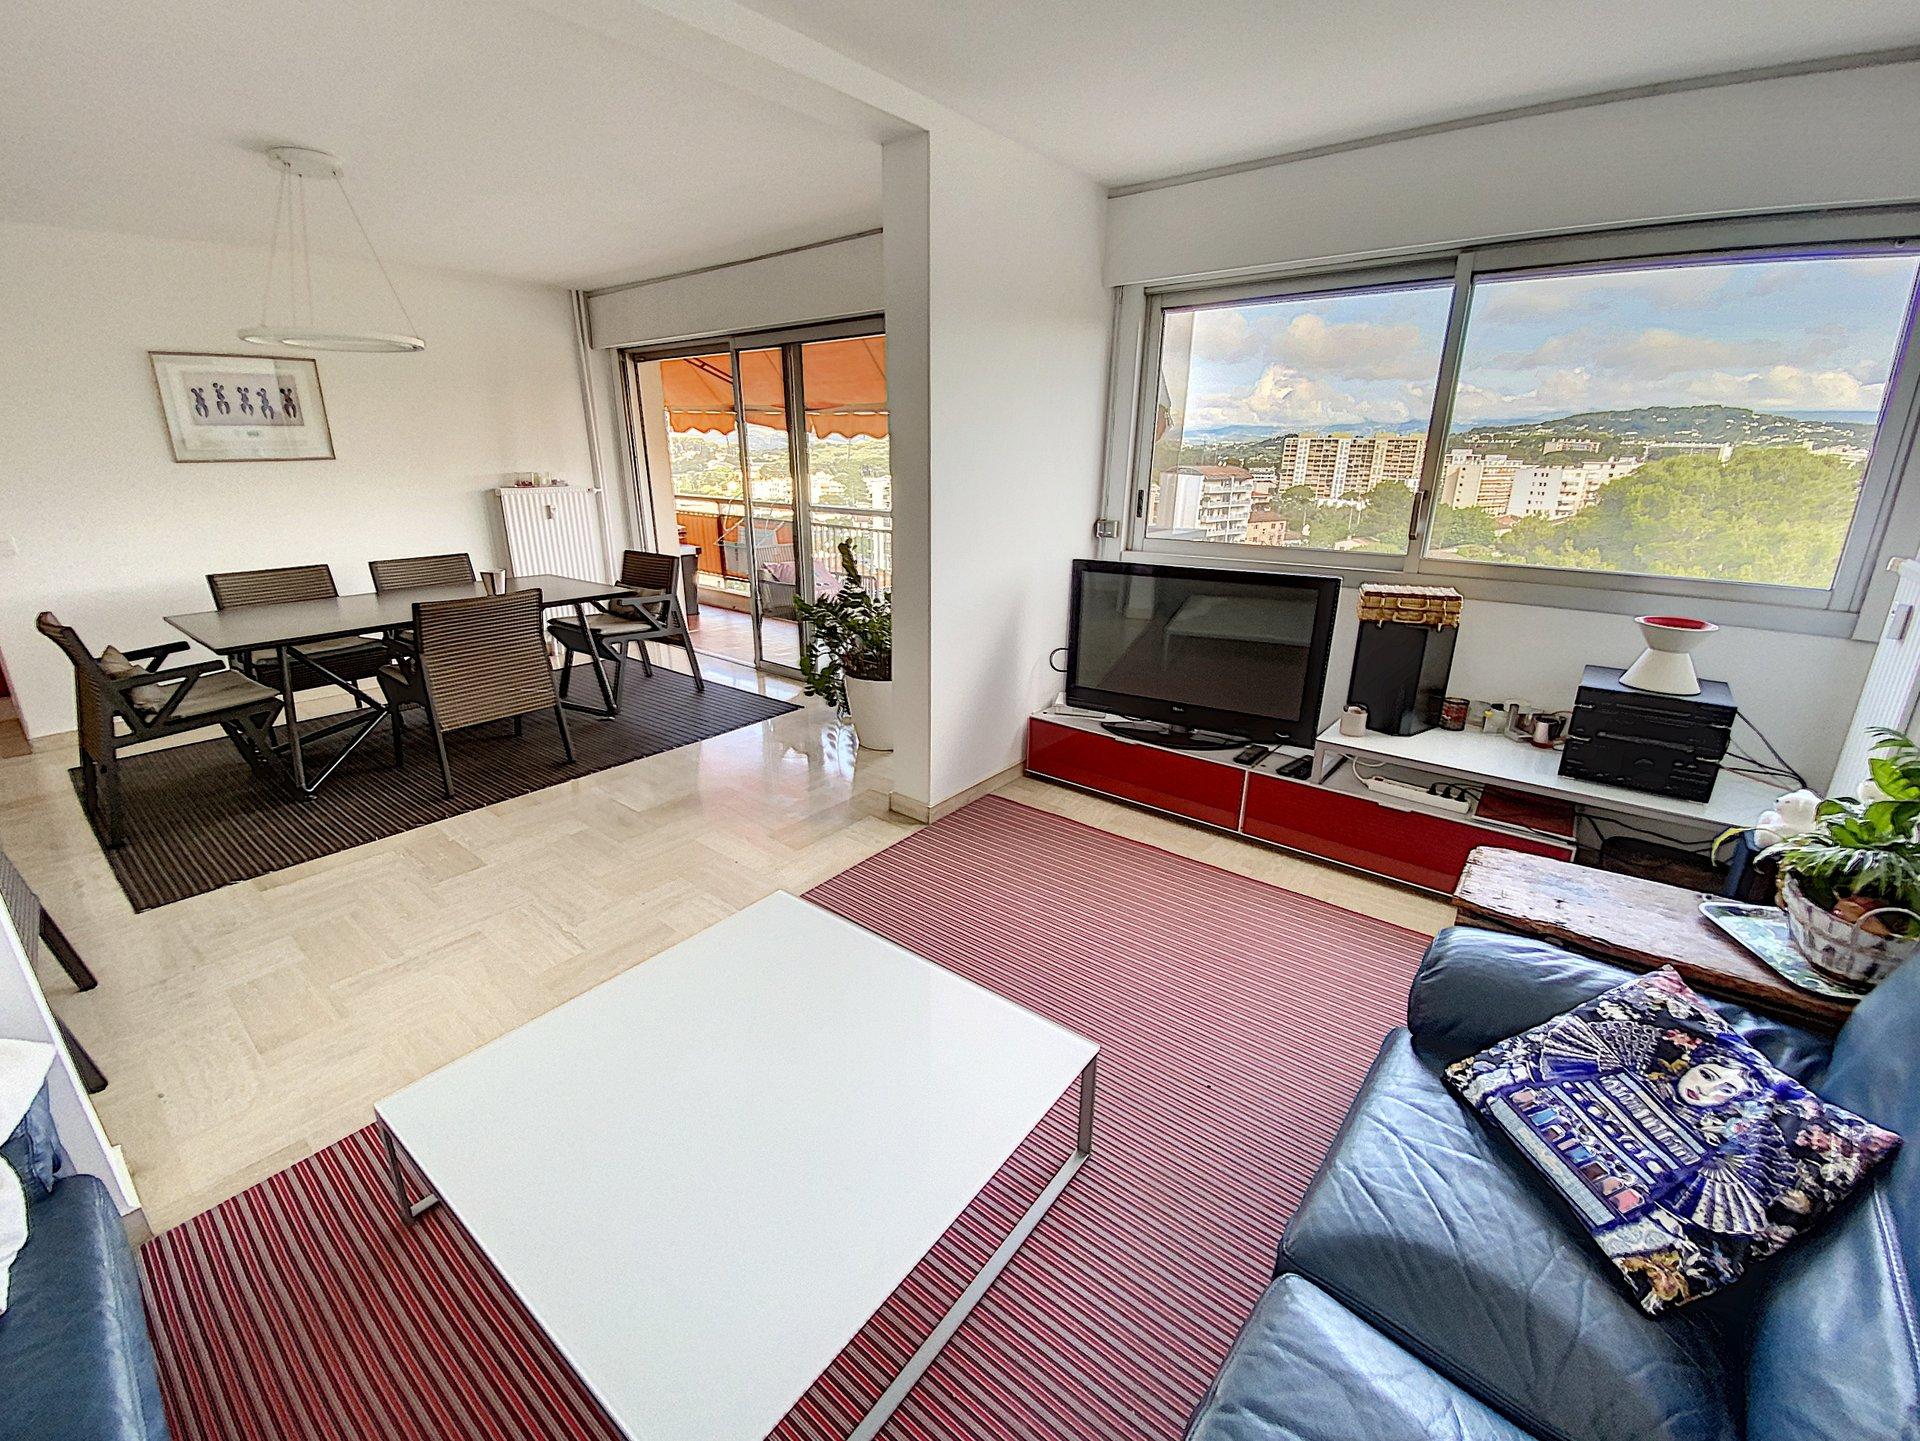 Le Cannet Pinèdes- 3-4 rooms clear view